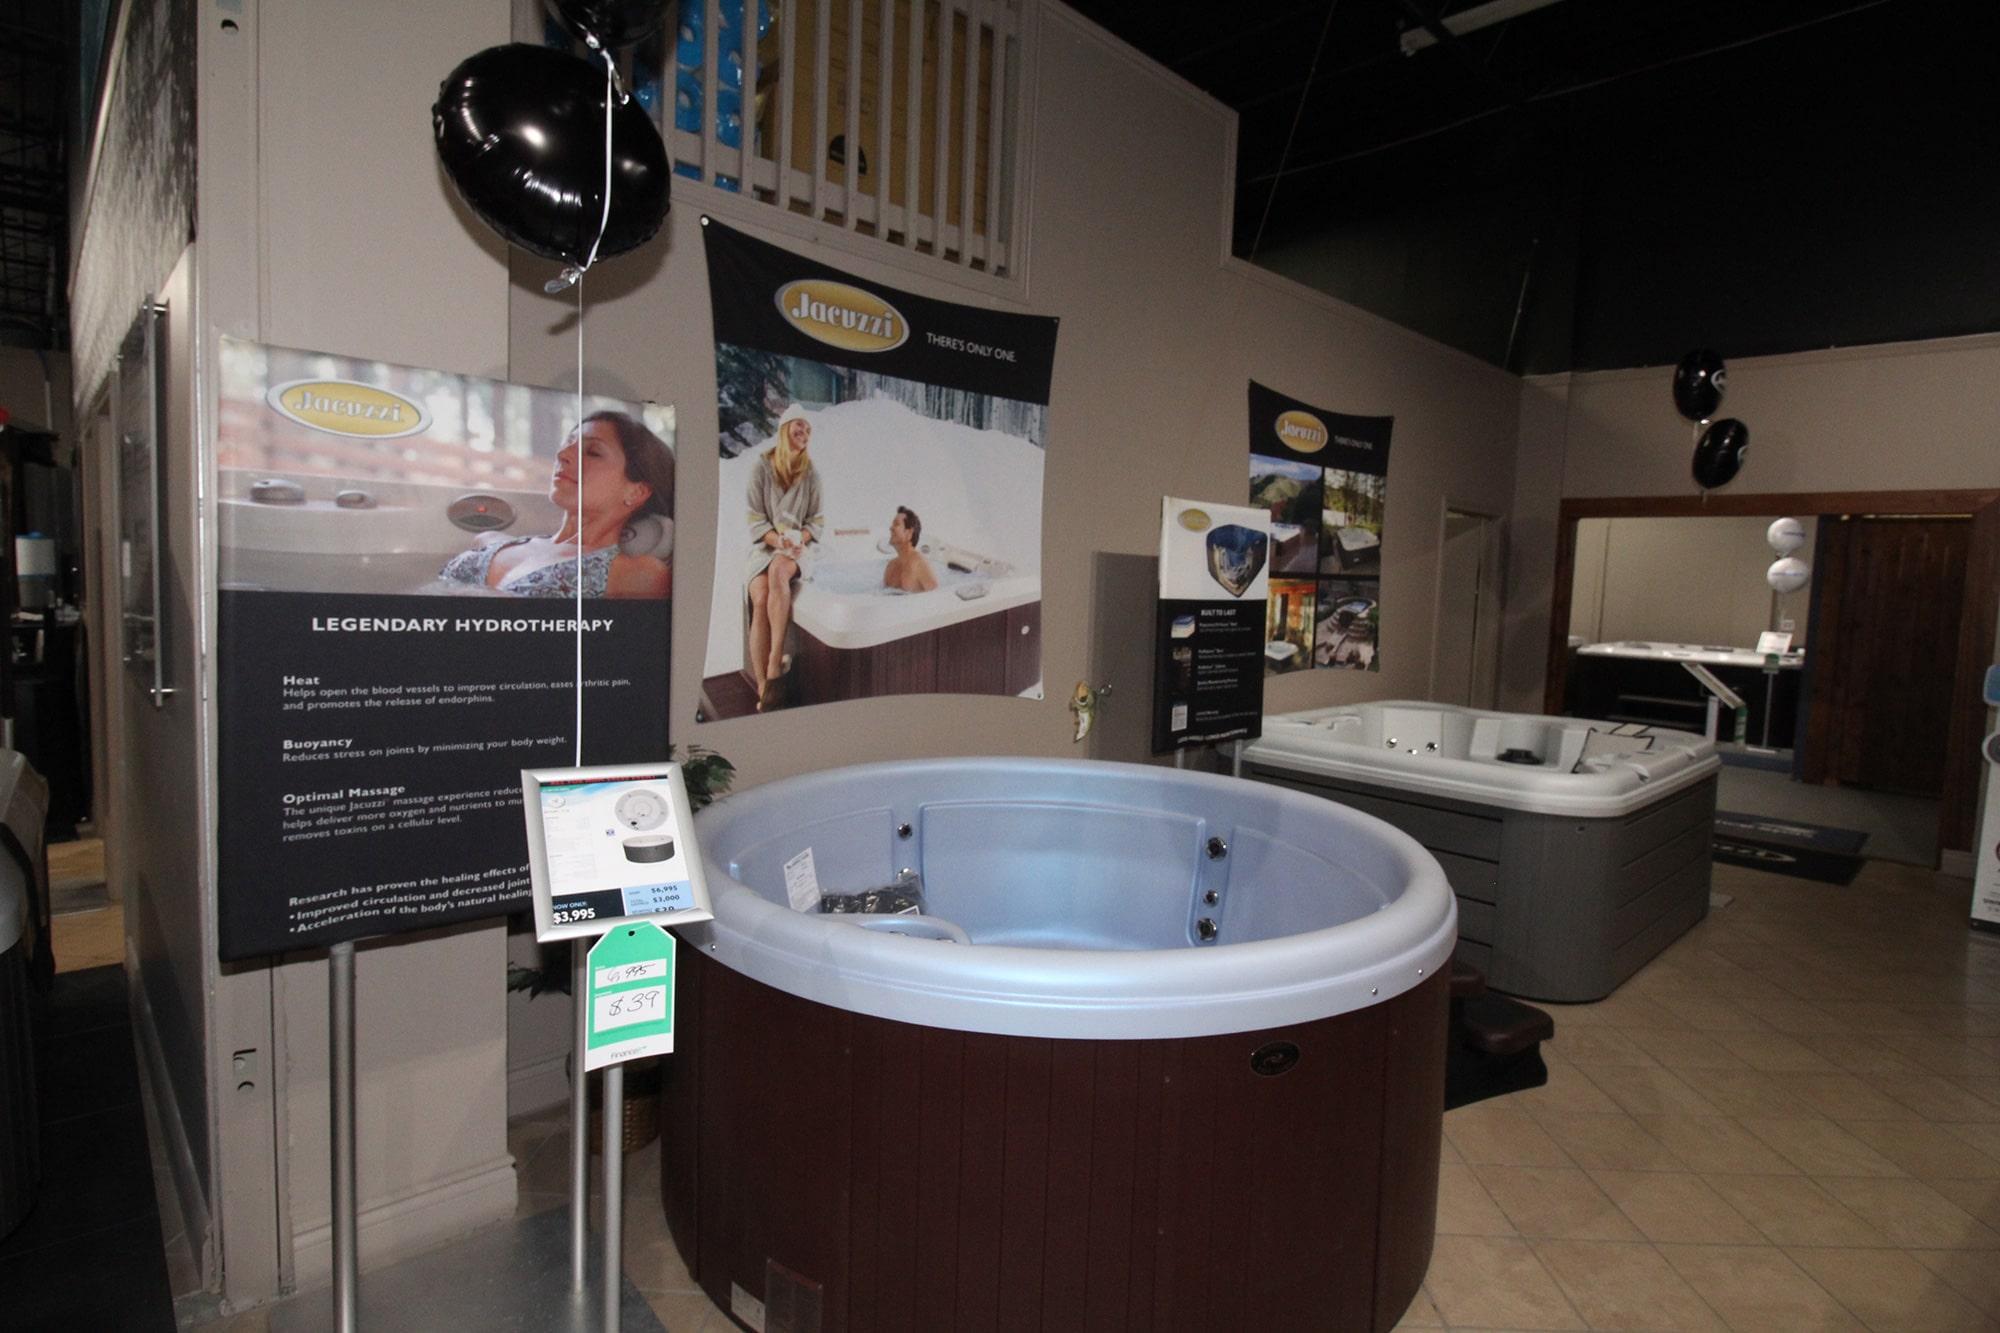 Jacuzzi Kitchener Spa Showroom